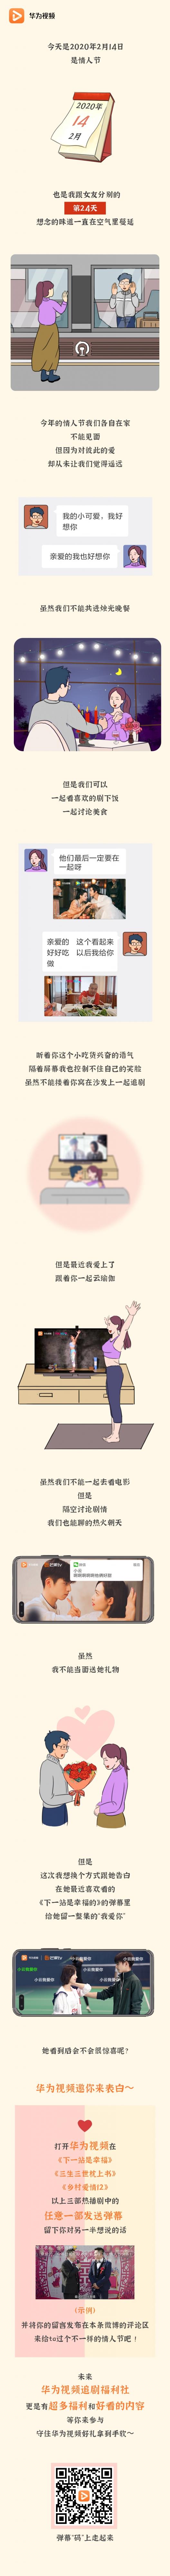 华为视频情人节有活动有二维码.jpg